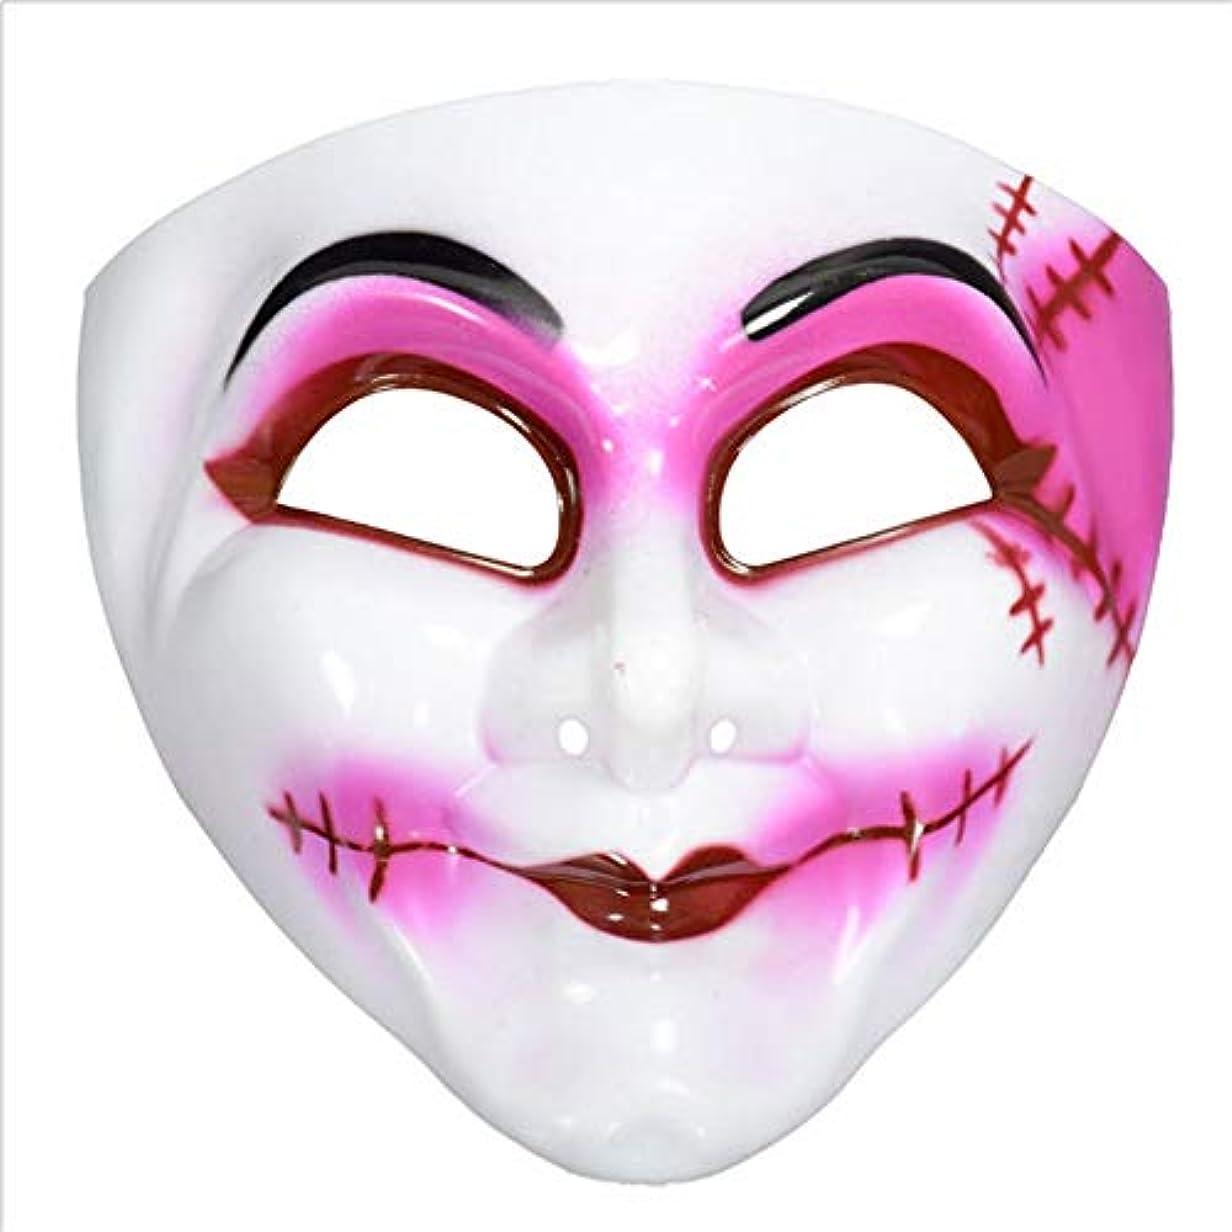 ロビーこどもの宮殿蚊ハロウィーンマスク道化師ドレスアップホラースクリーミングフェアリークイーンマスク仮装ショーマスクホラー面白いフェイスマスク